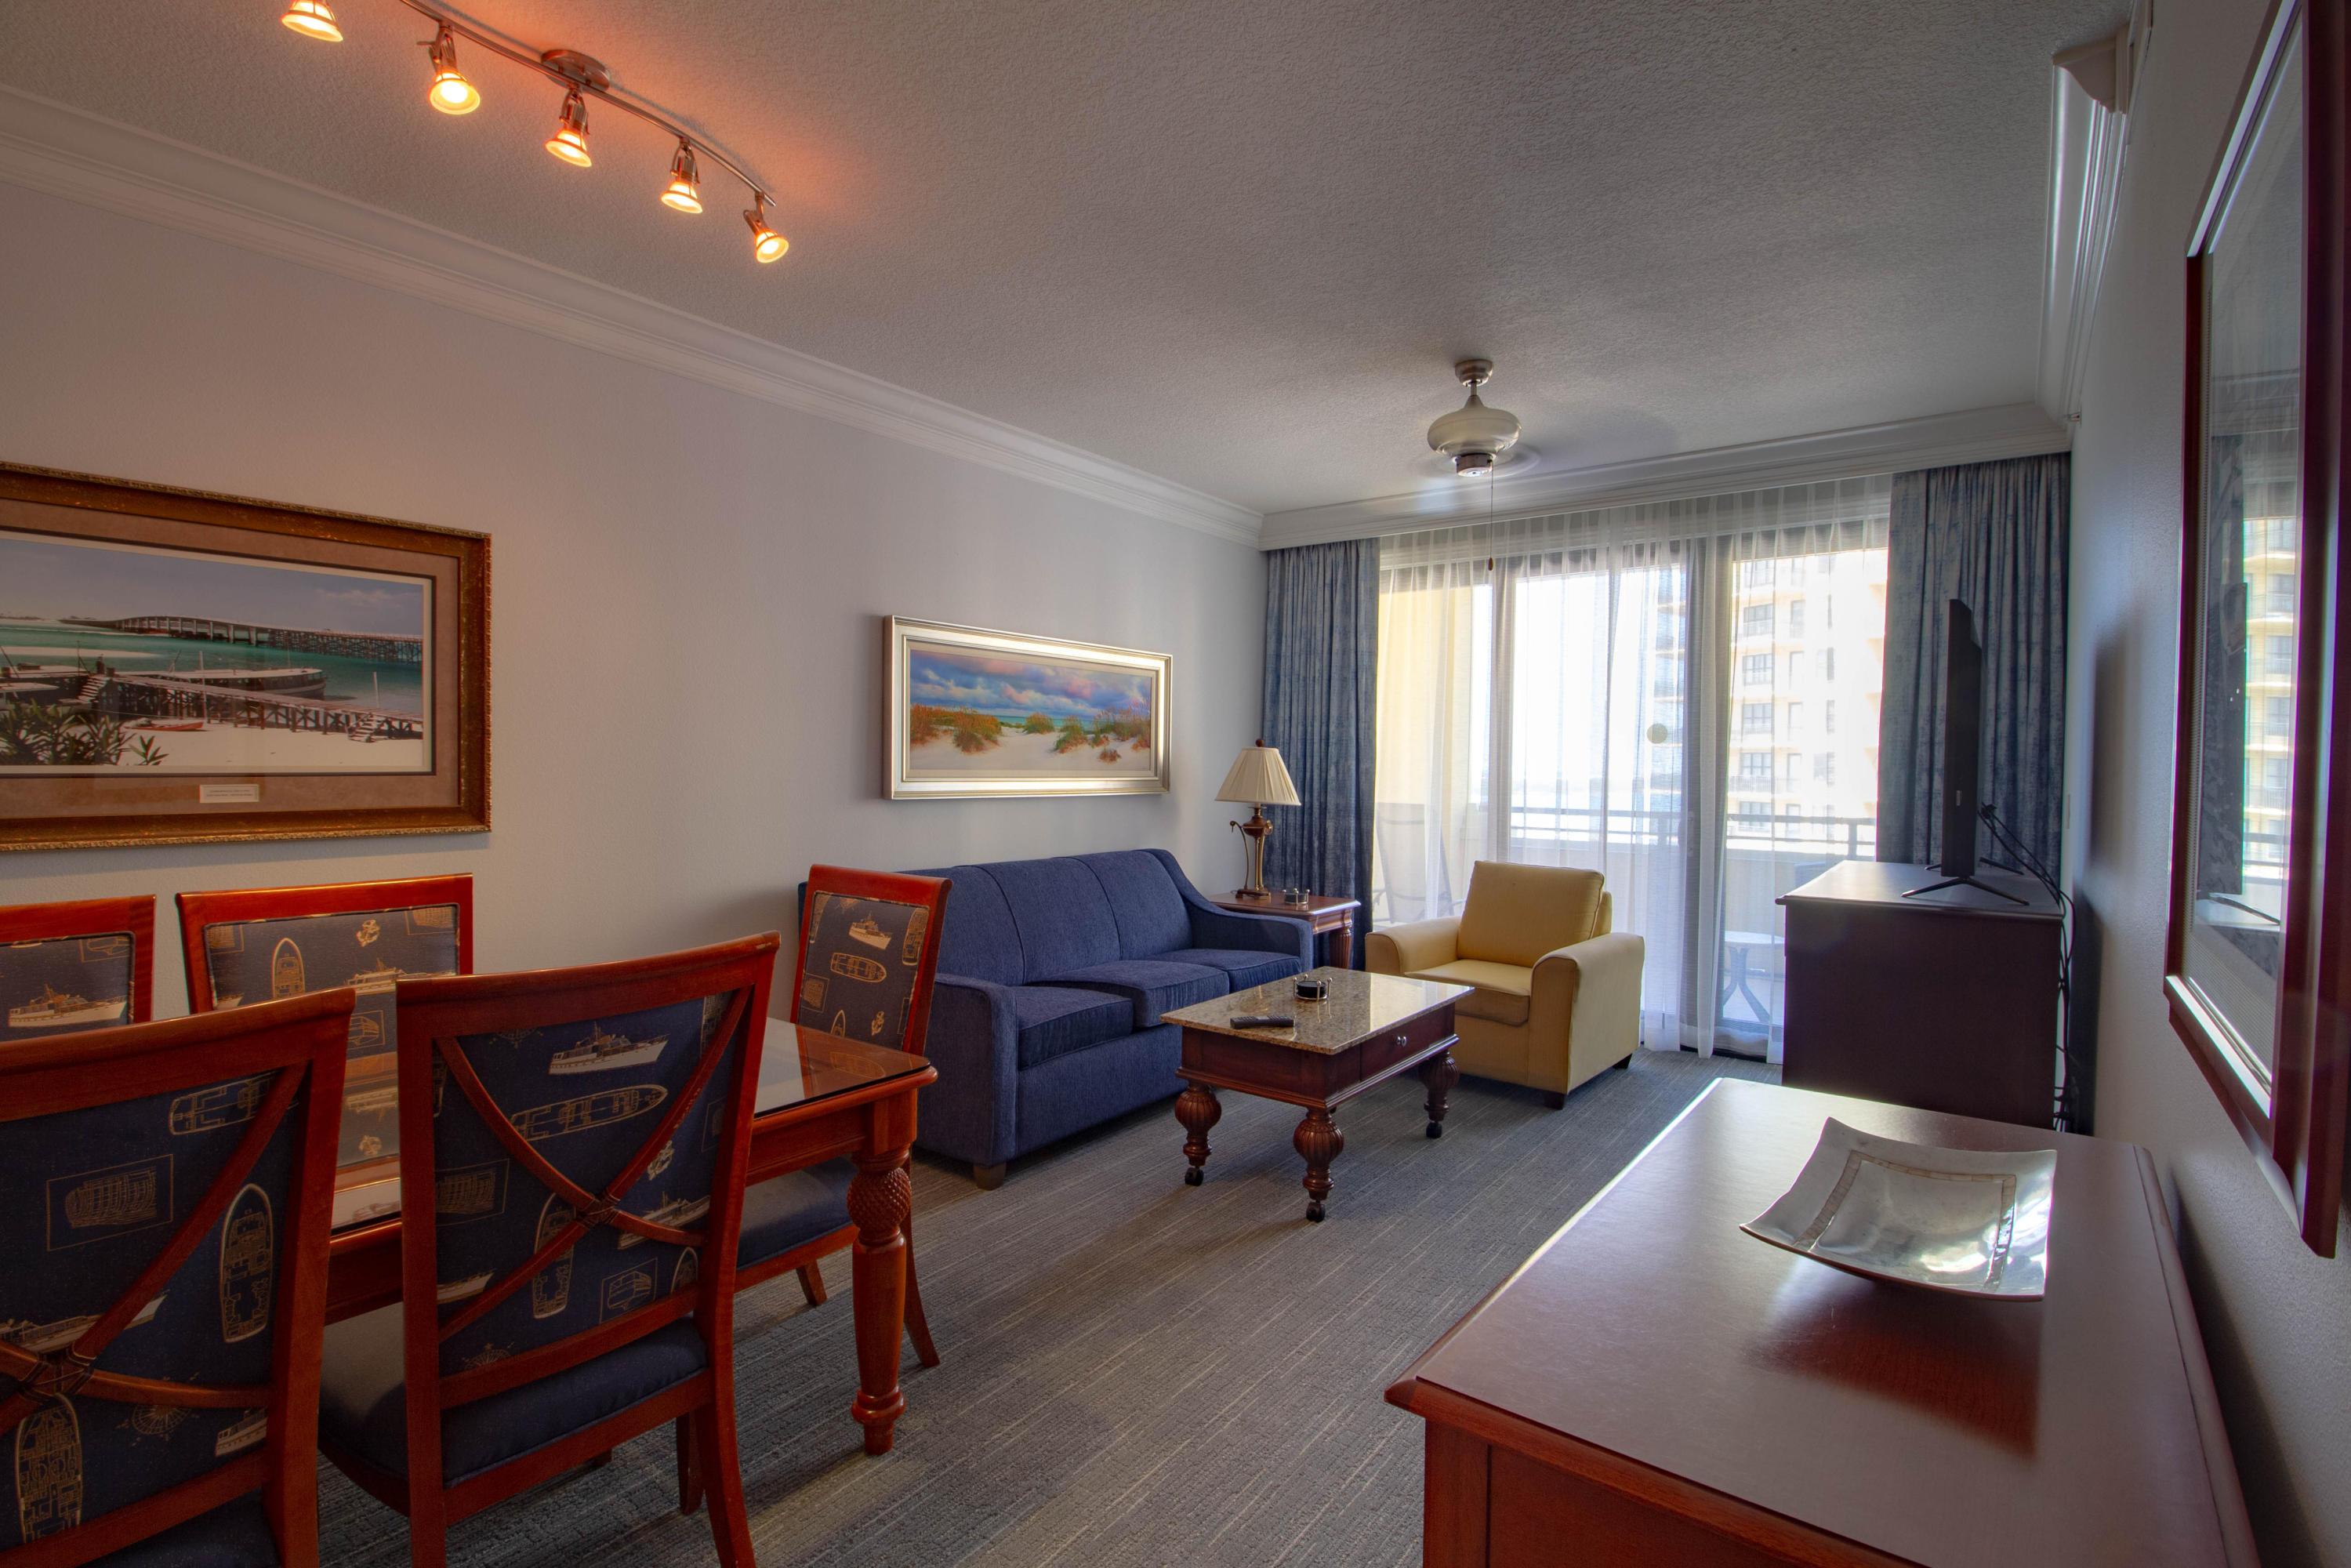 A 2 Bedroom 2 Bedroom Emerald Grande Timeshare